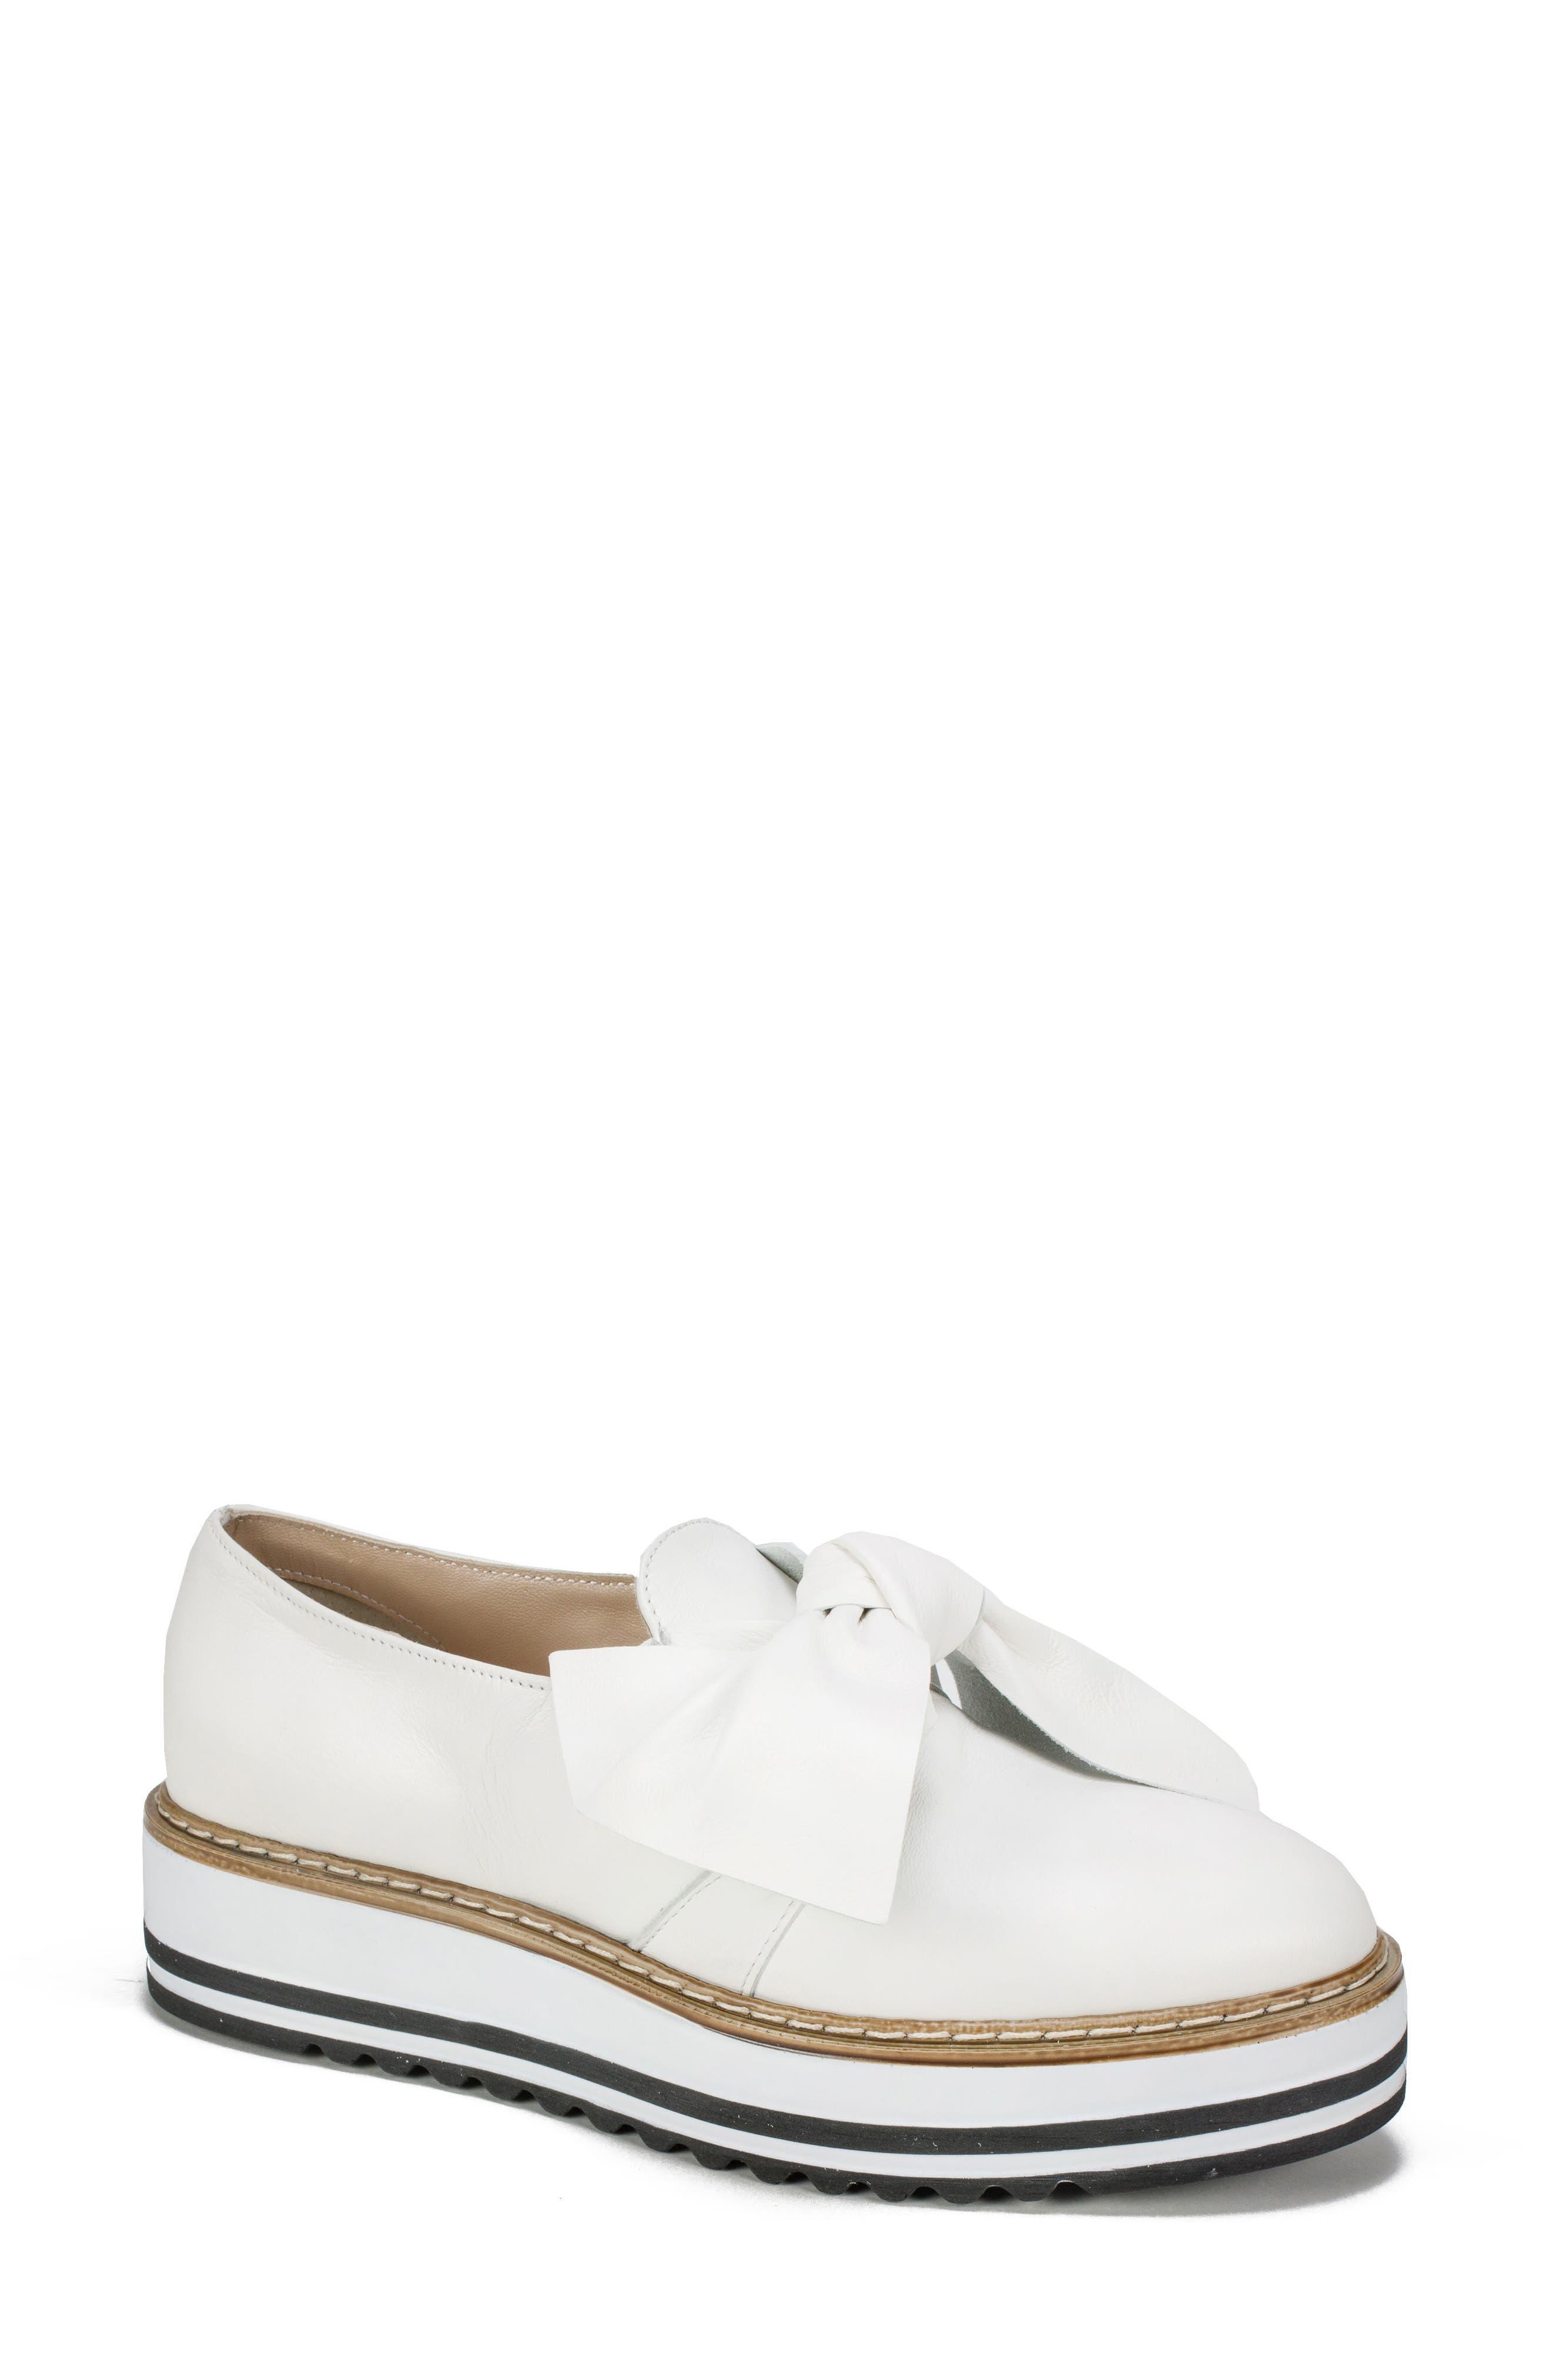 Bella Platform Loafer,                         Main,                         color, WHITE LEATHER